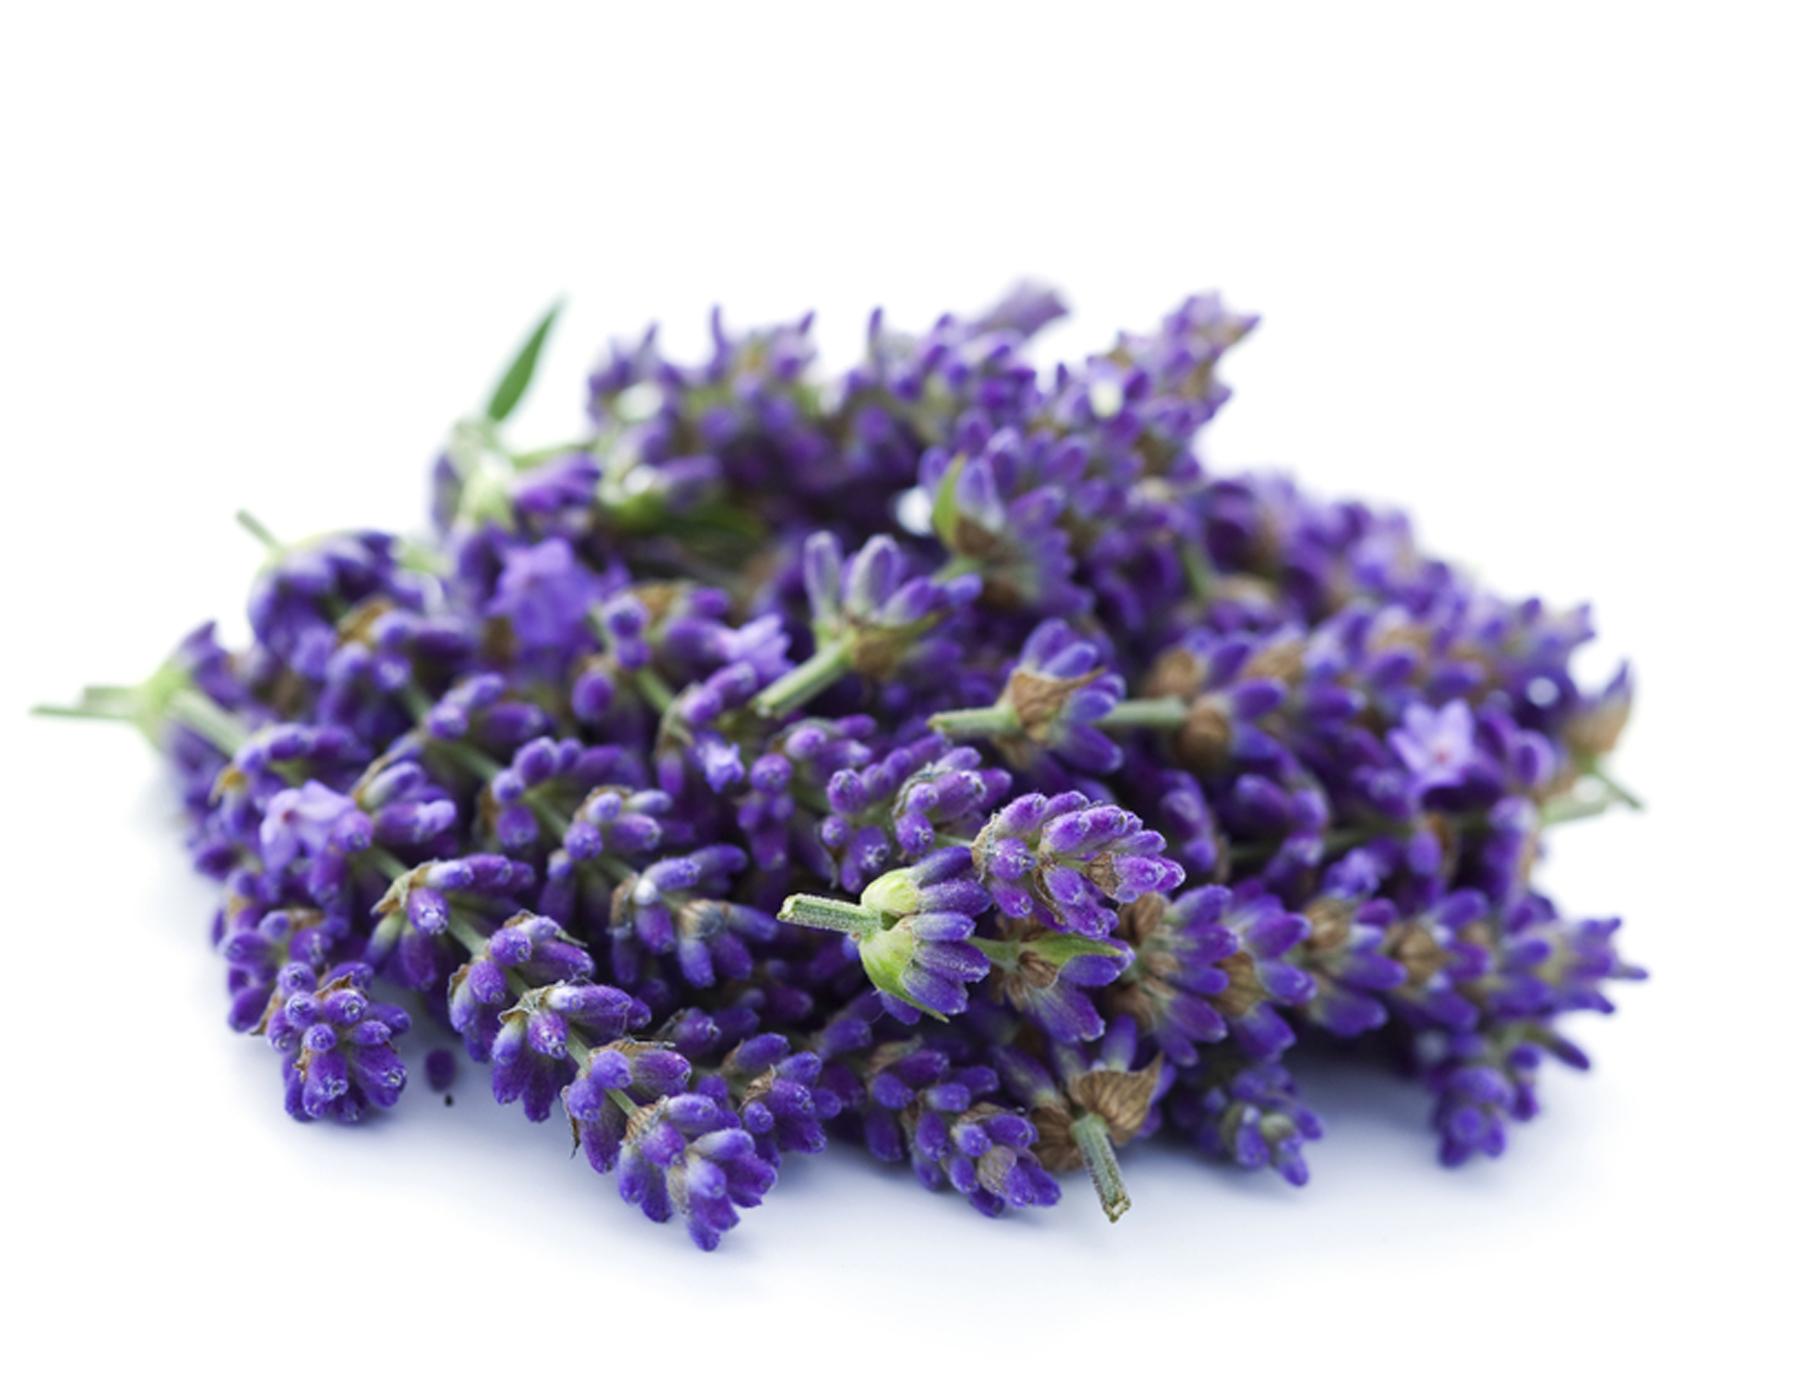 Resultado de imagen de lavender dry free image